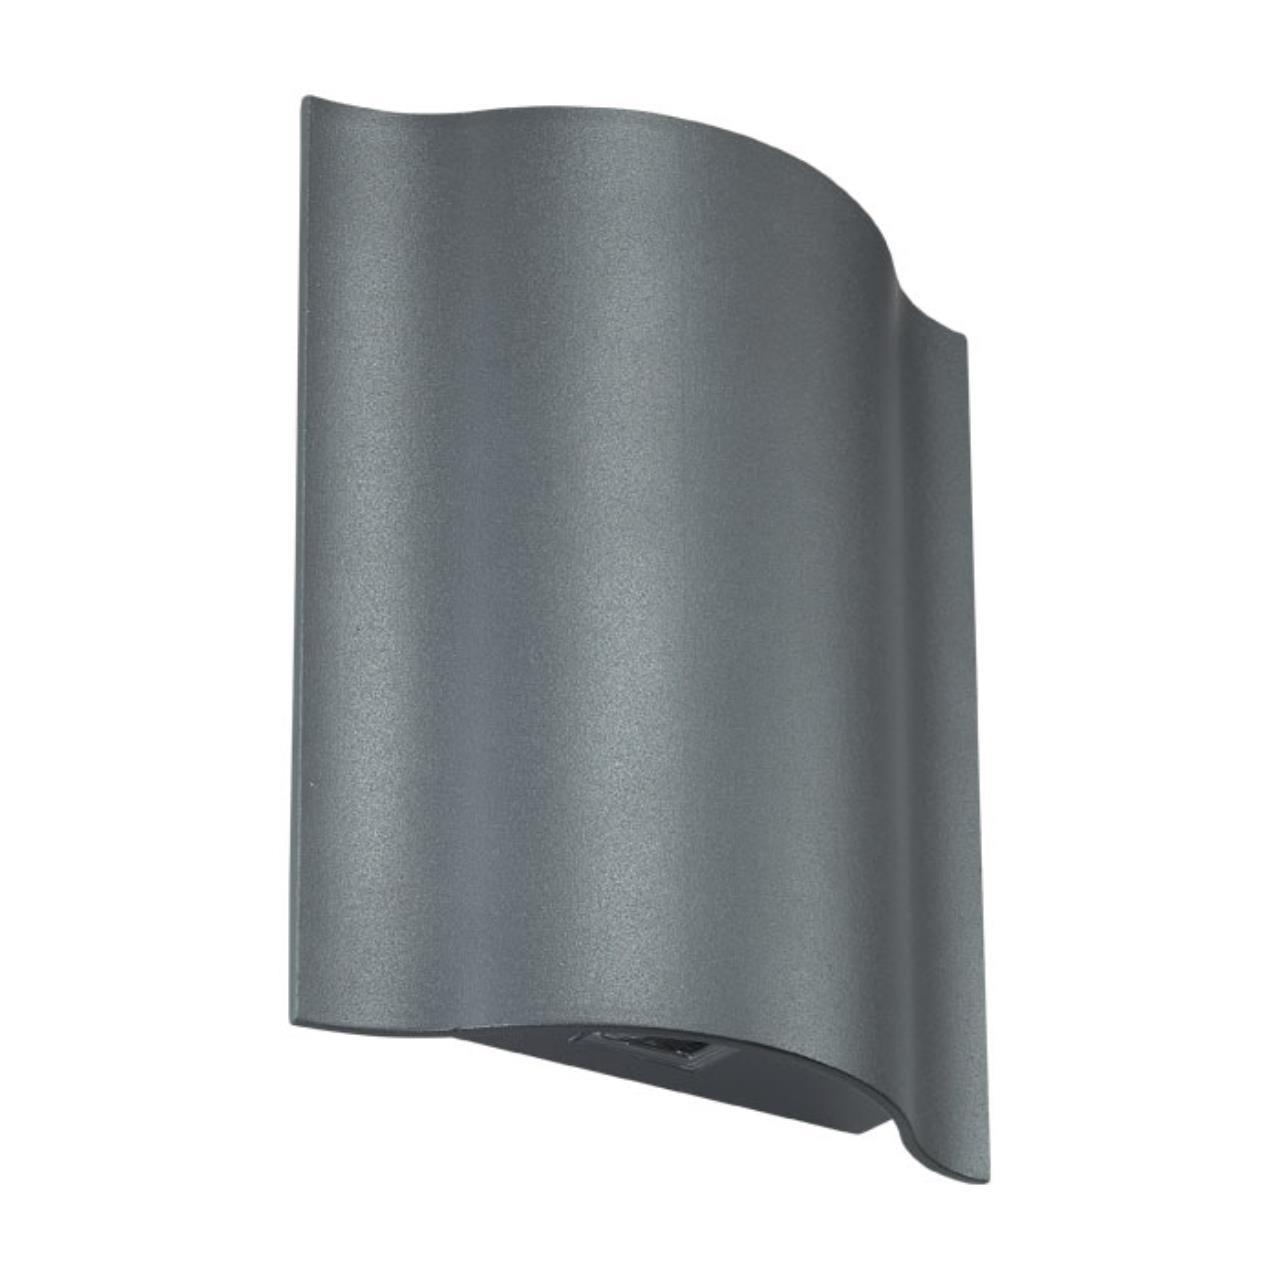 357415 STREET NT17 156 темно-серый Ландшафтный светильник IP54 LED 3000K 6W 220-240V KAIMAS